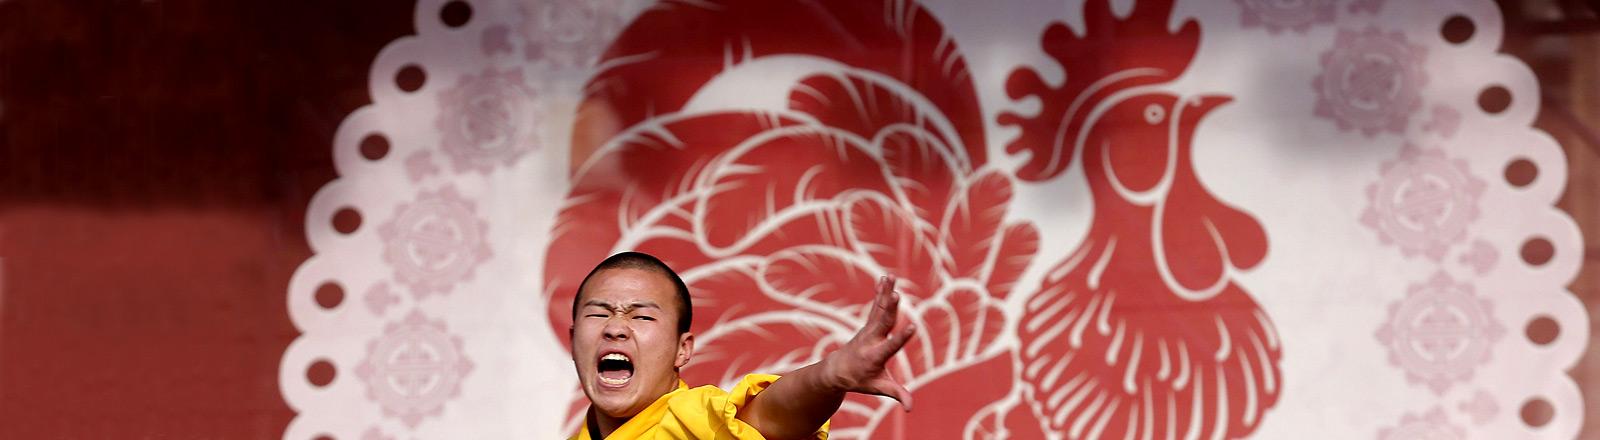 Ein Shaolin-Kämpfer tanzt bei Feierlichkeiten zum Chinesischen Neujahr, bei dem das Jahr des Feuer-Hahns eingeleitet wird.